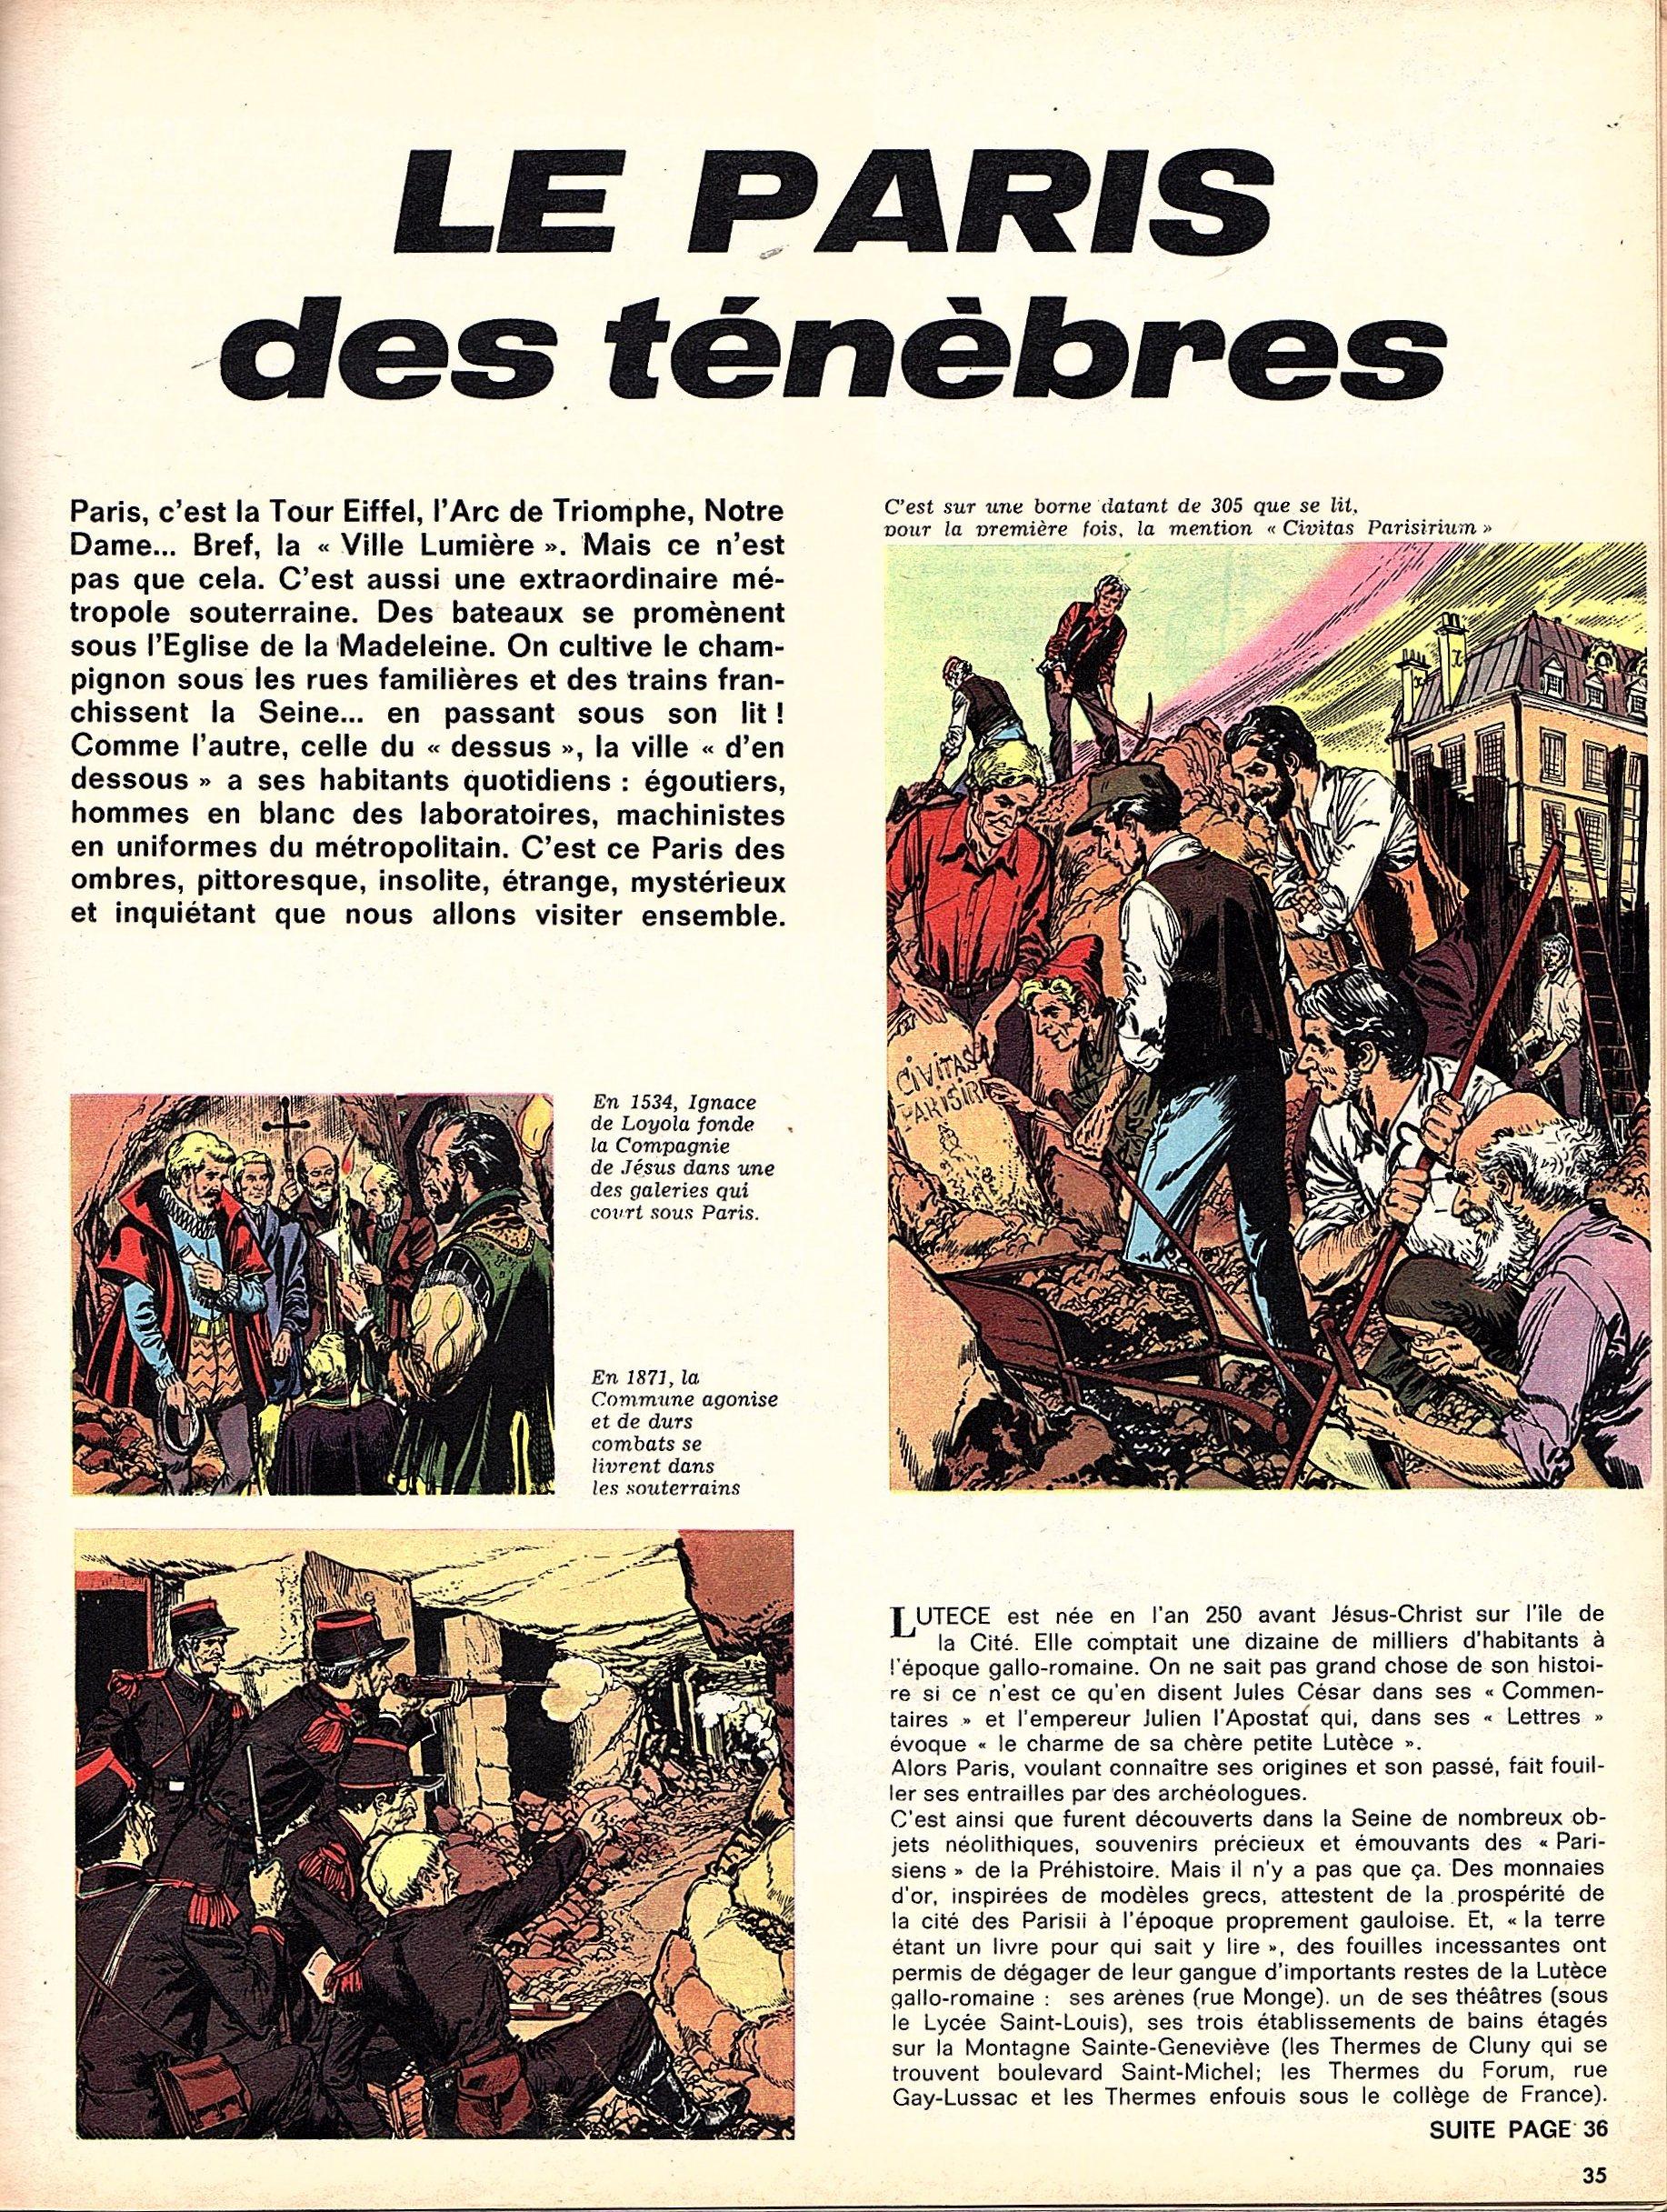 « Paris des ténèbres » Pilote n° 472 (21/11/1968).